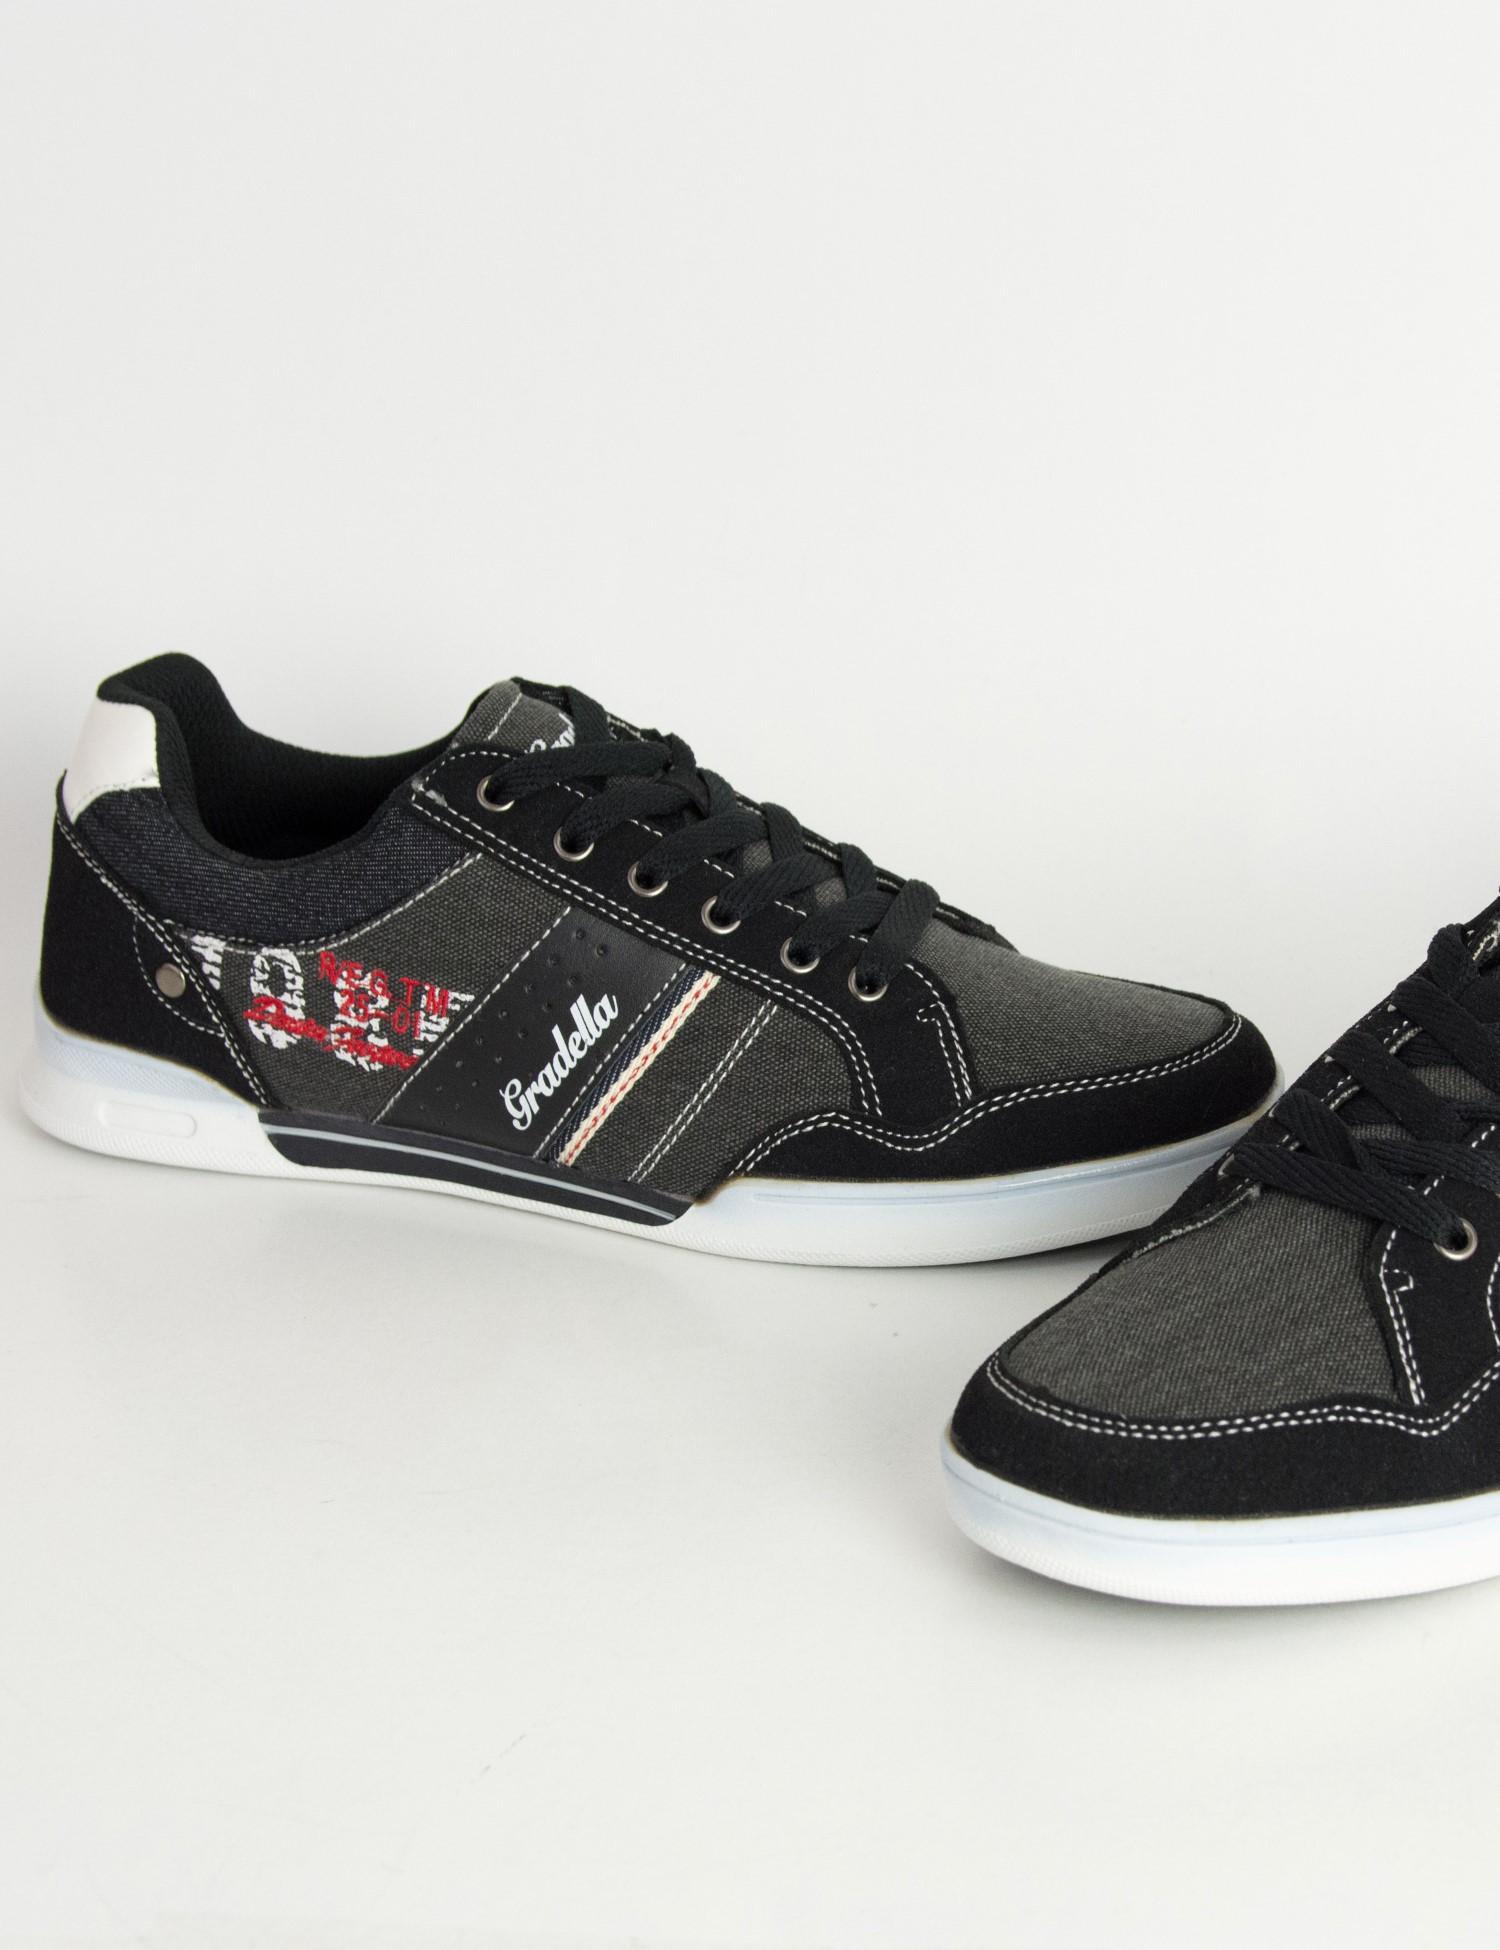 Ανδρικά Casual παπούτσια μαύρα χαμηλά κορδόνια K70422 df3ea4e6478